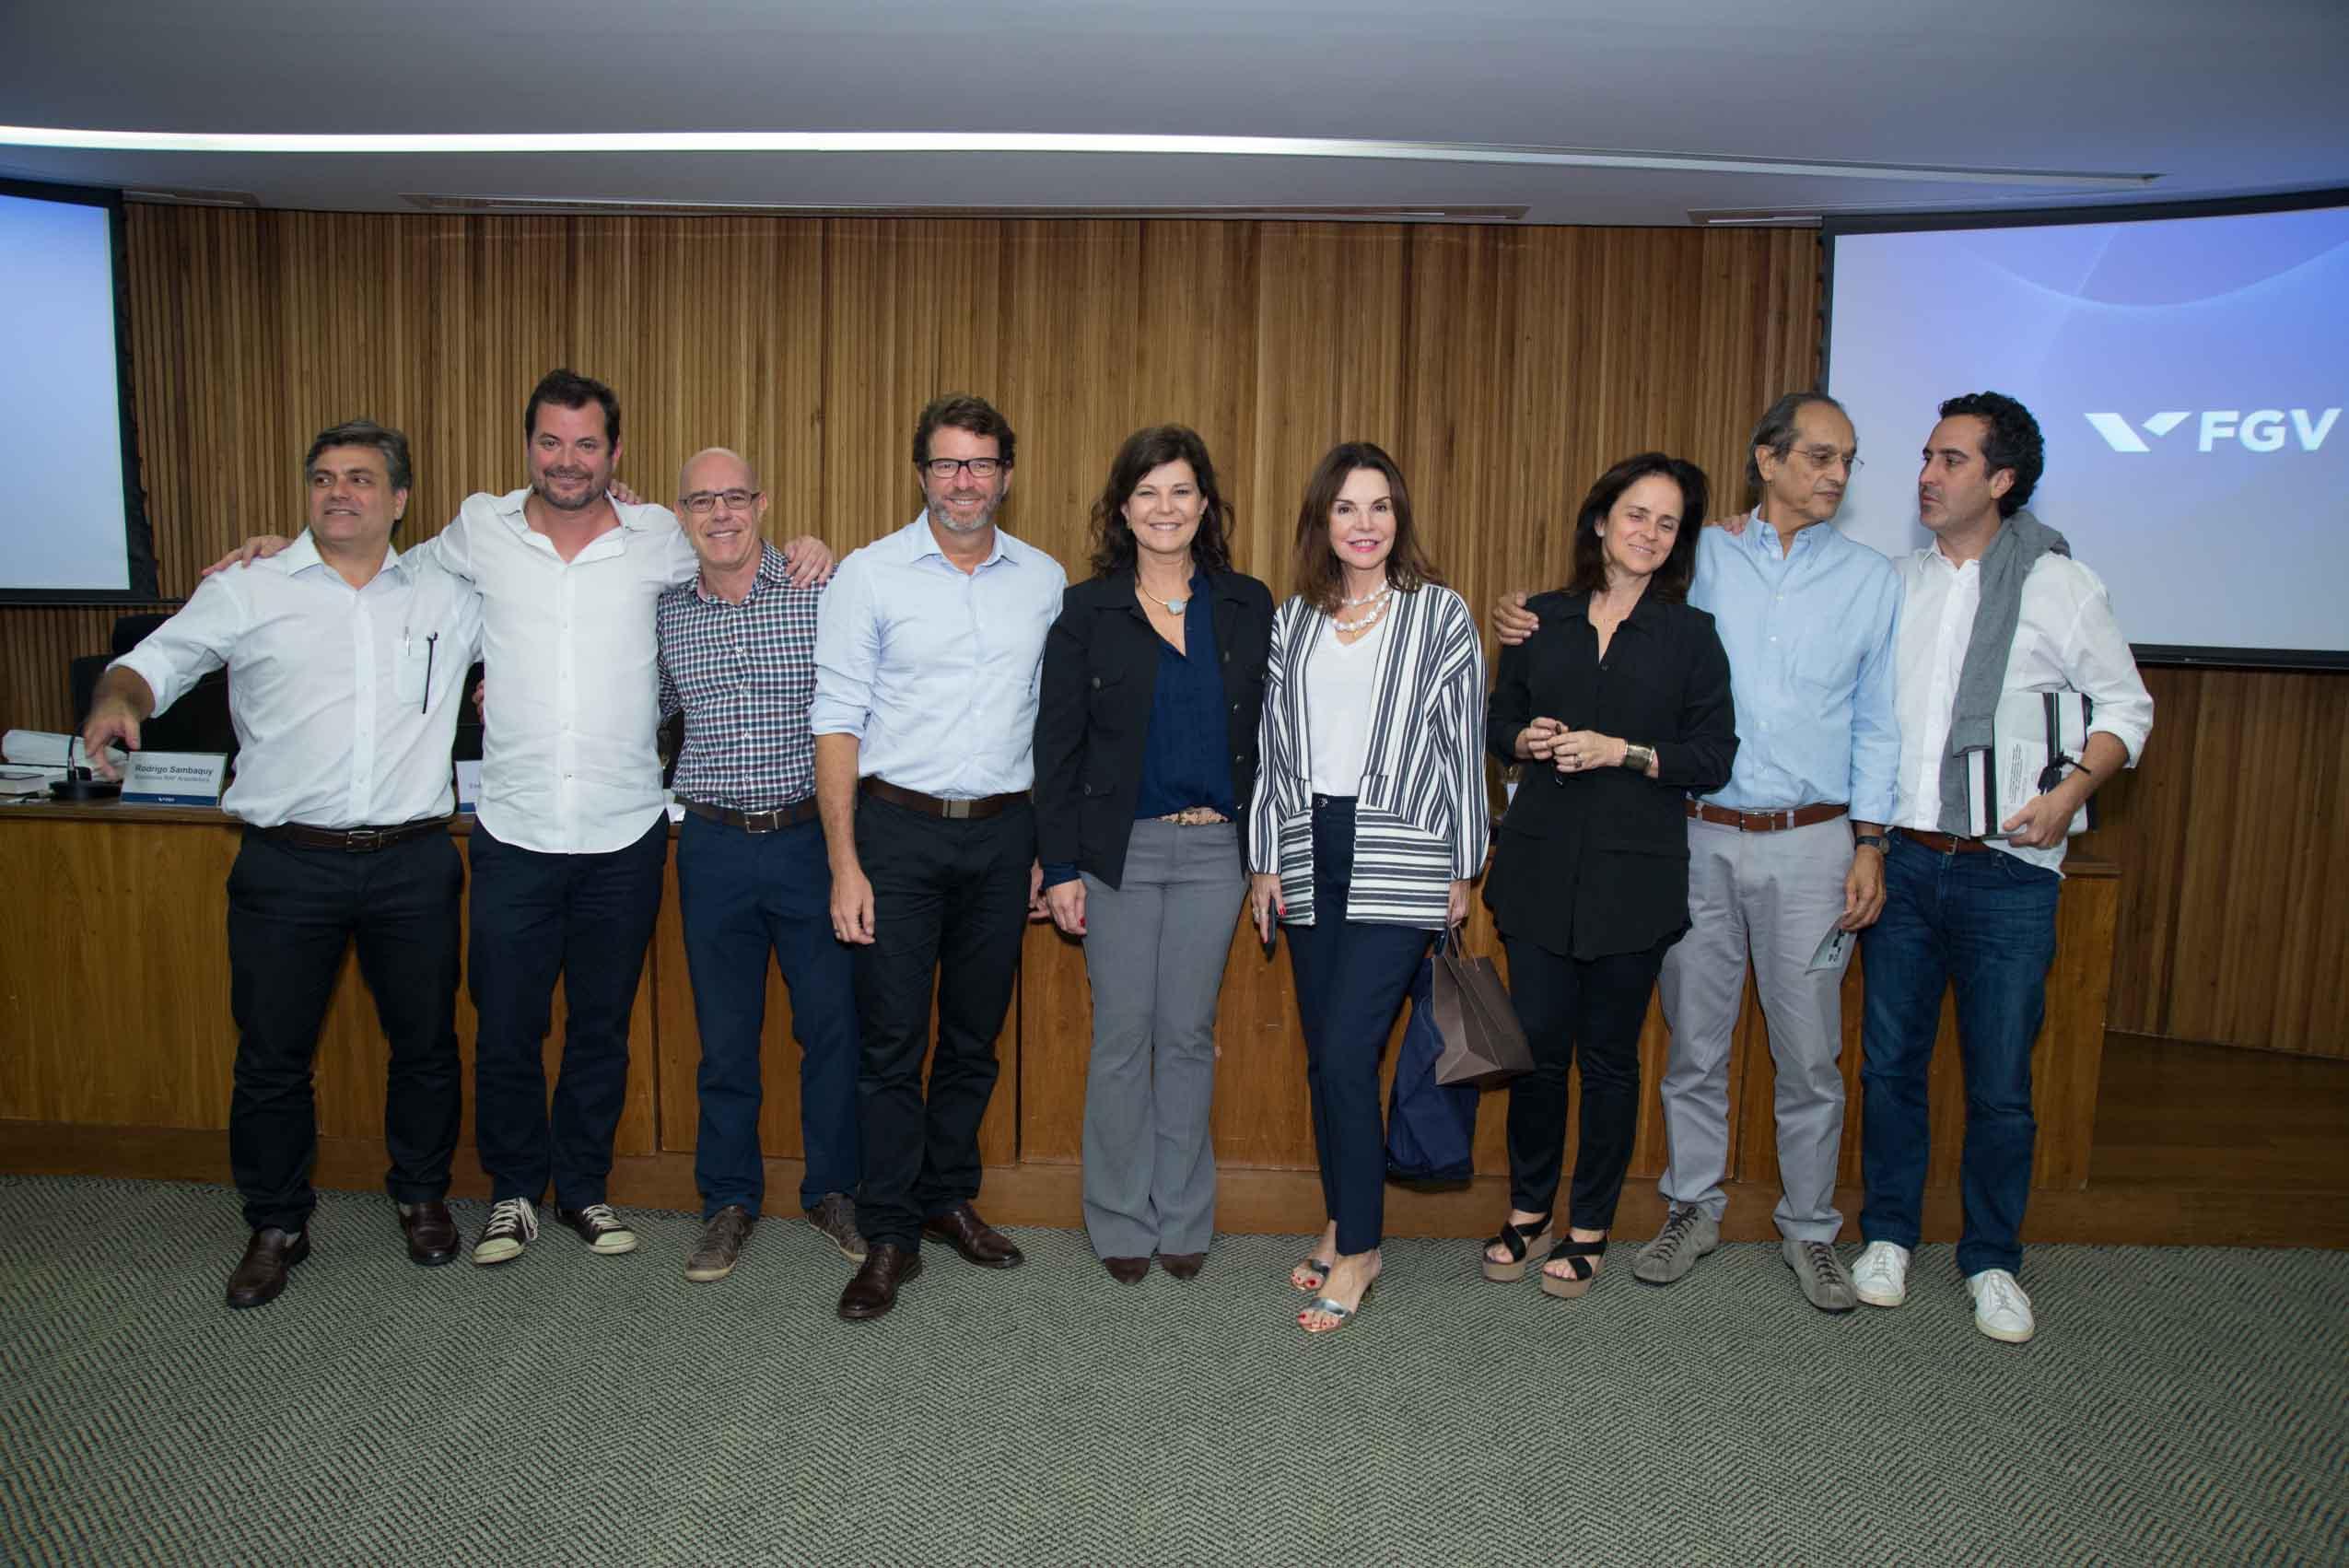 Novos projetos e ideias urbanísticas para o Rio